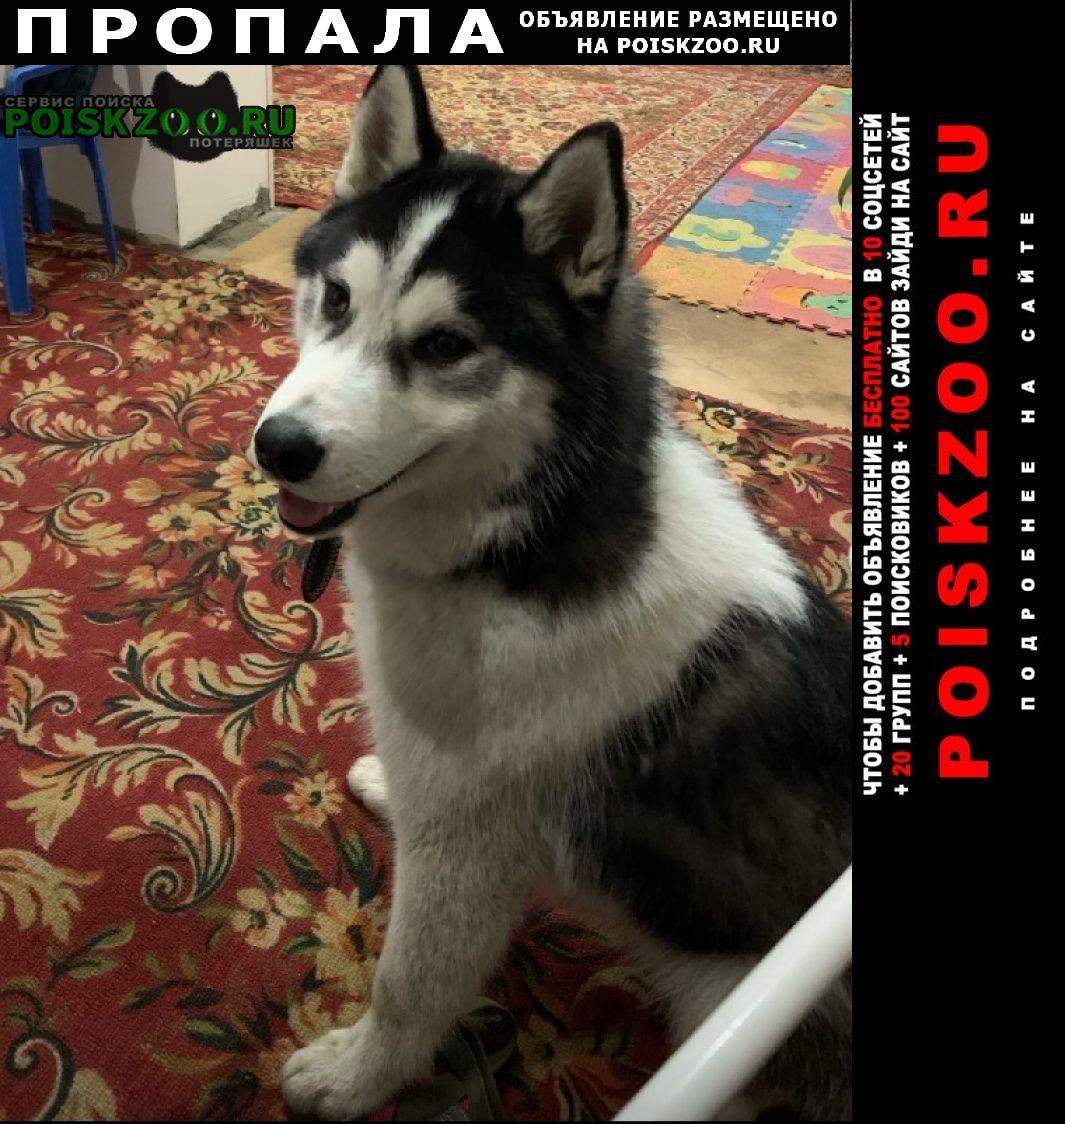 Астрахань Пропала собака кобель просим помощи за вознаграждение